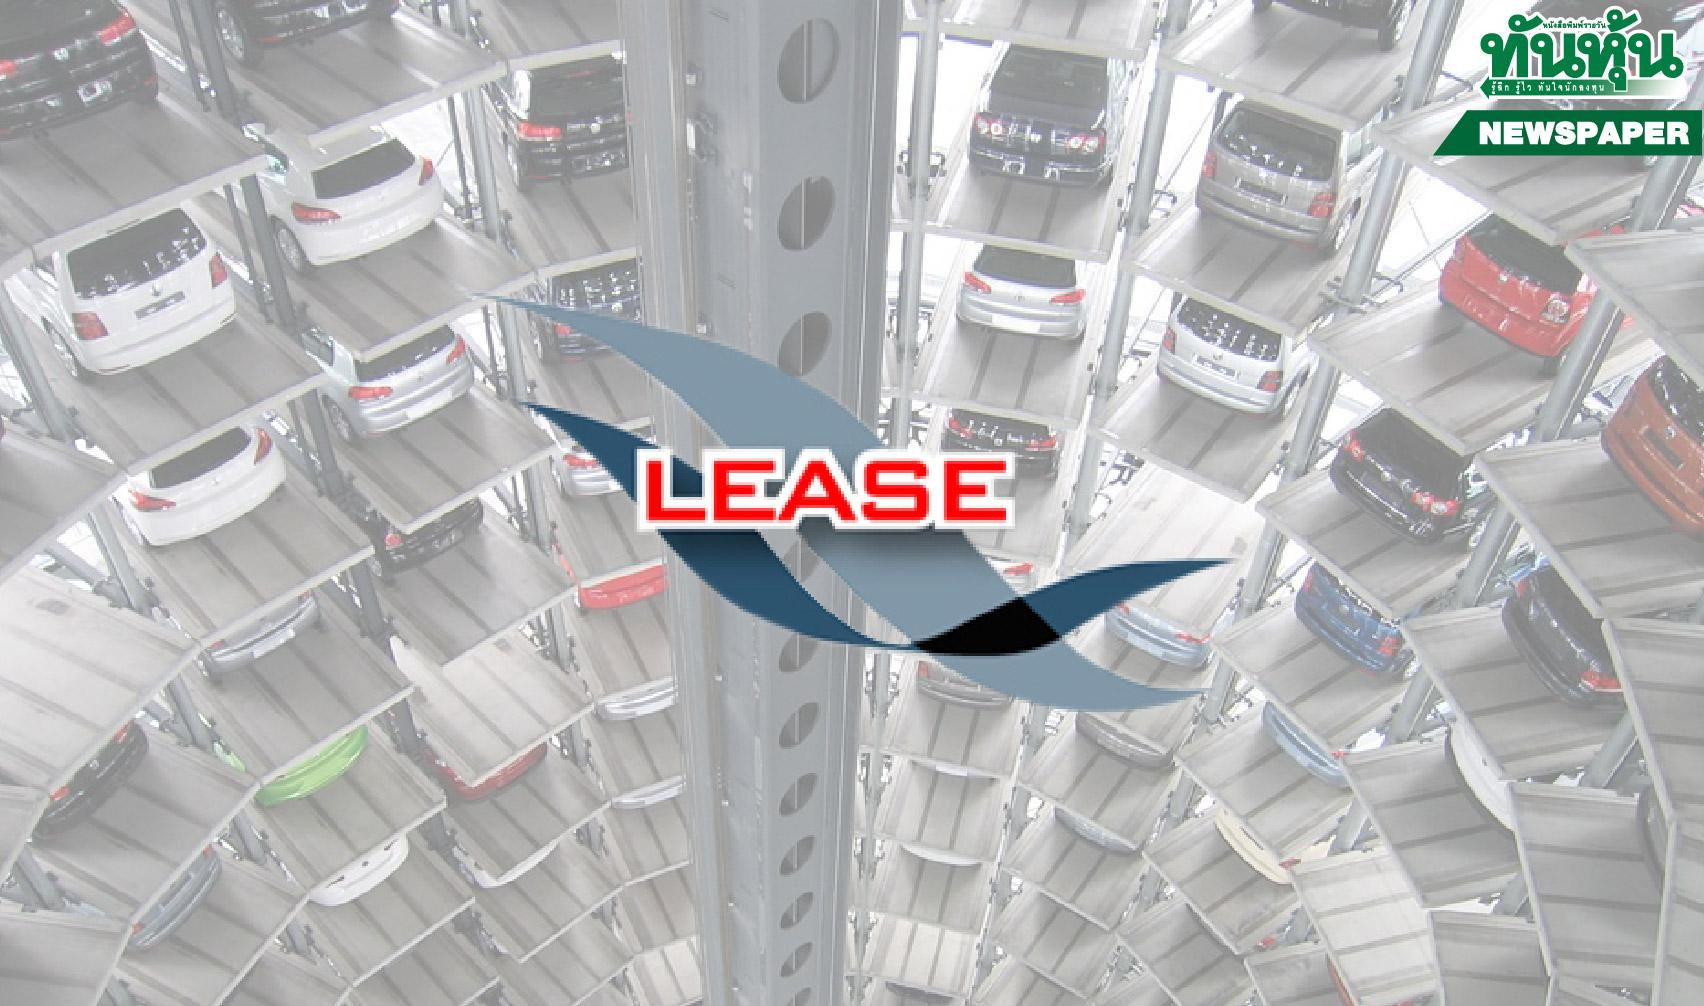 LITคว้าสัญญา70.96ล. หนุนสินเชื่อนวัตกรรม ที่จอดรถแห่งอนาคต